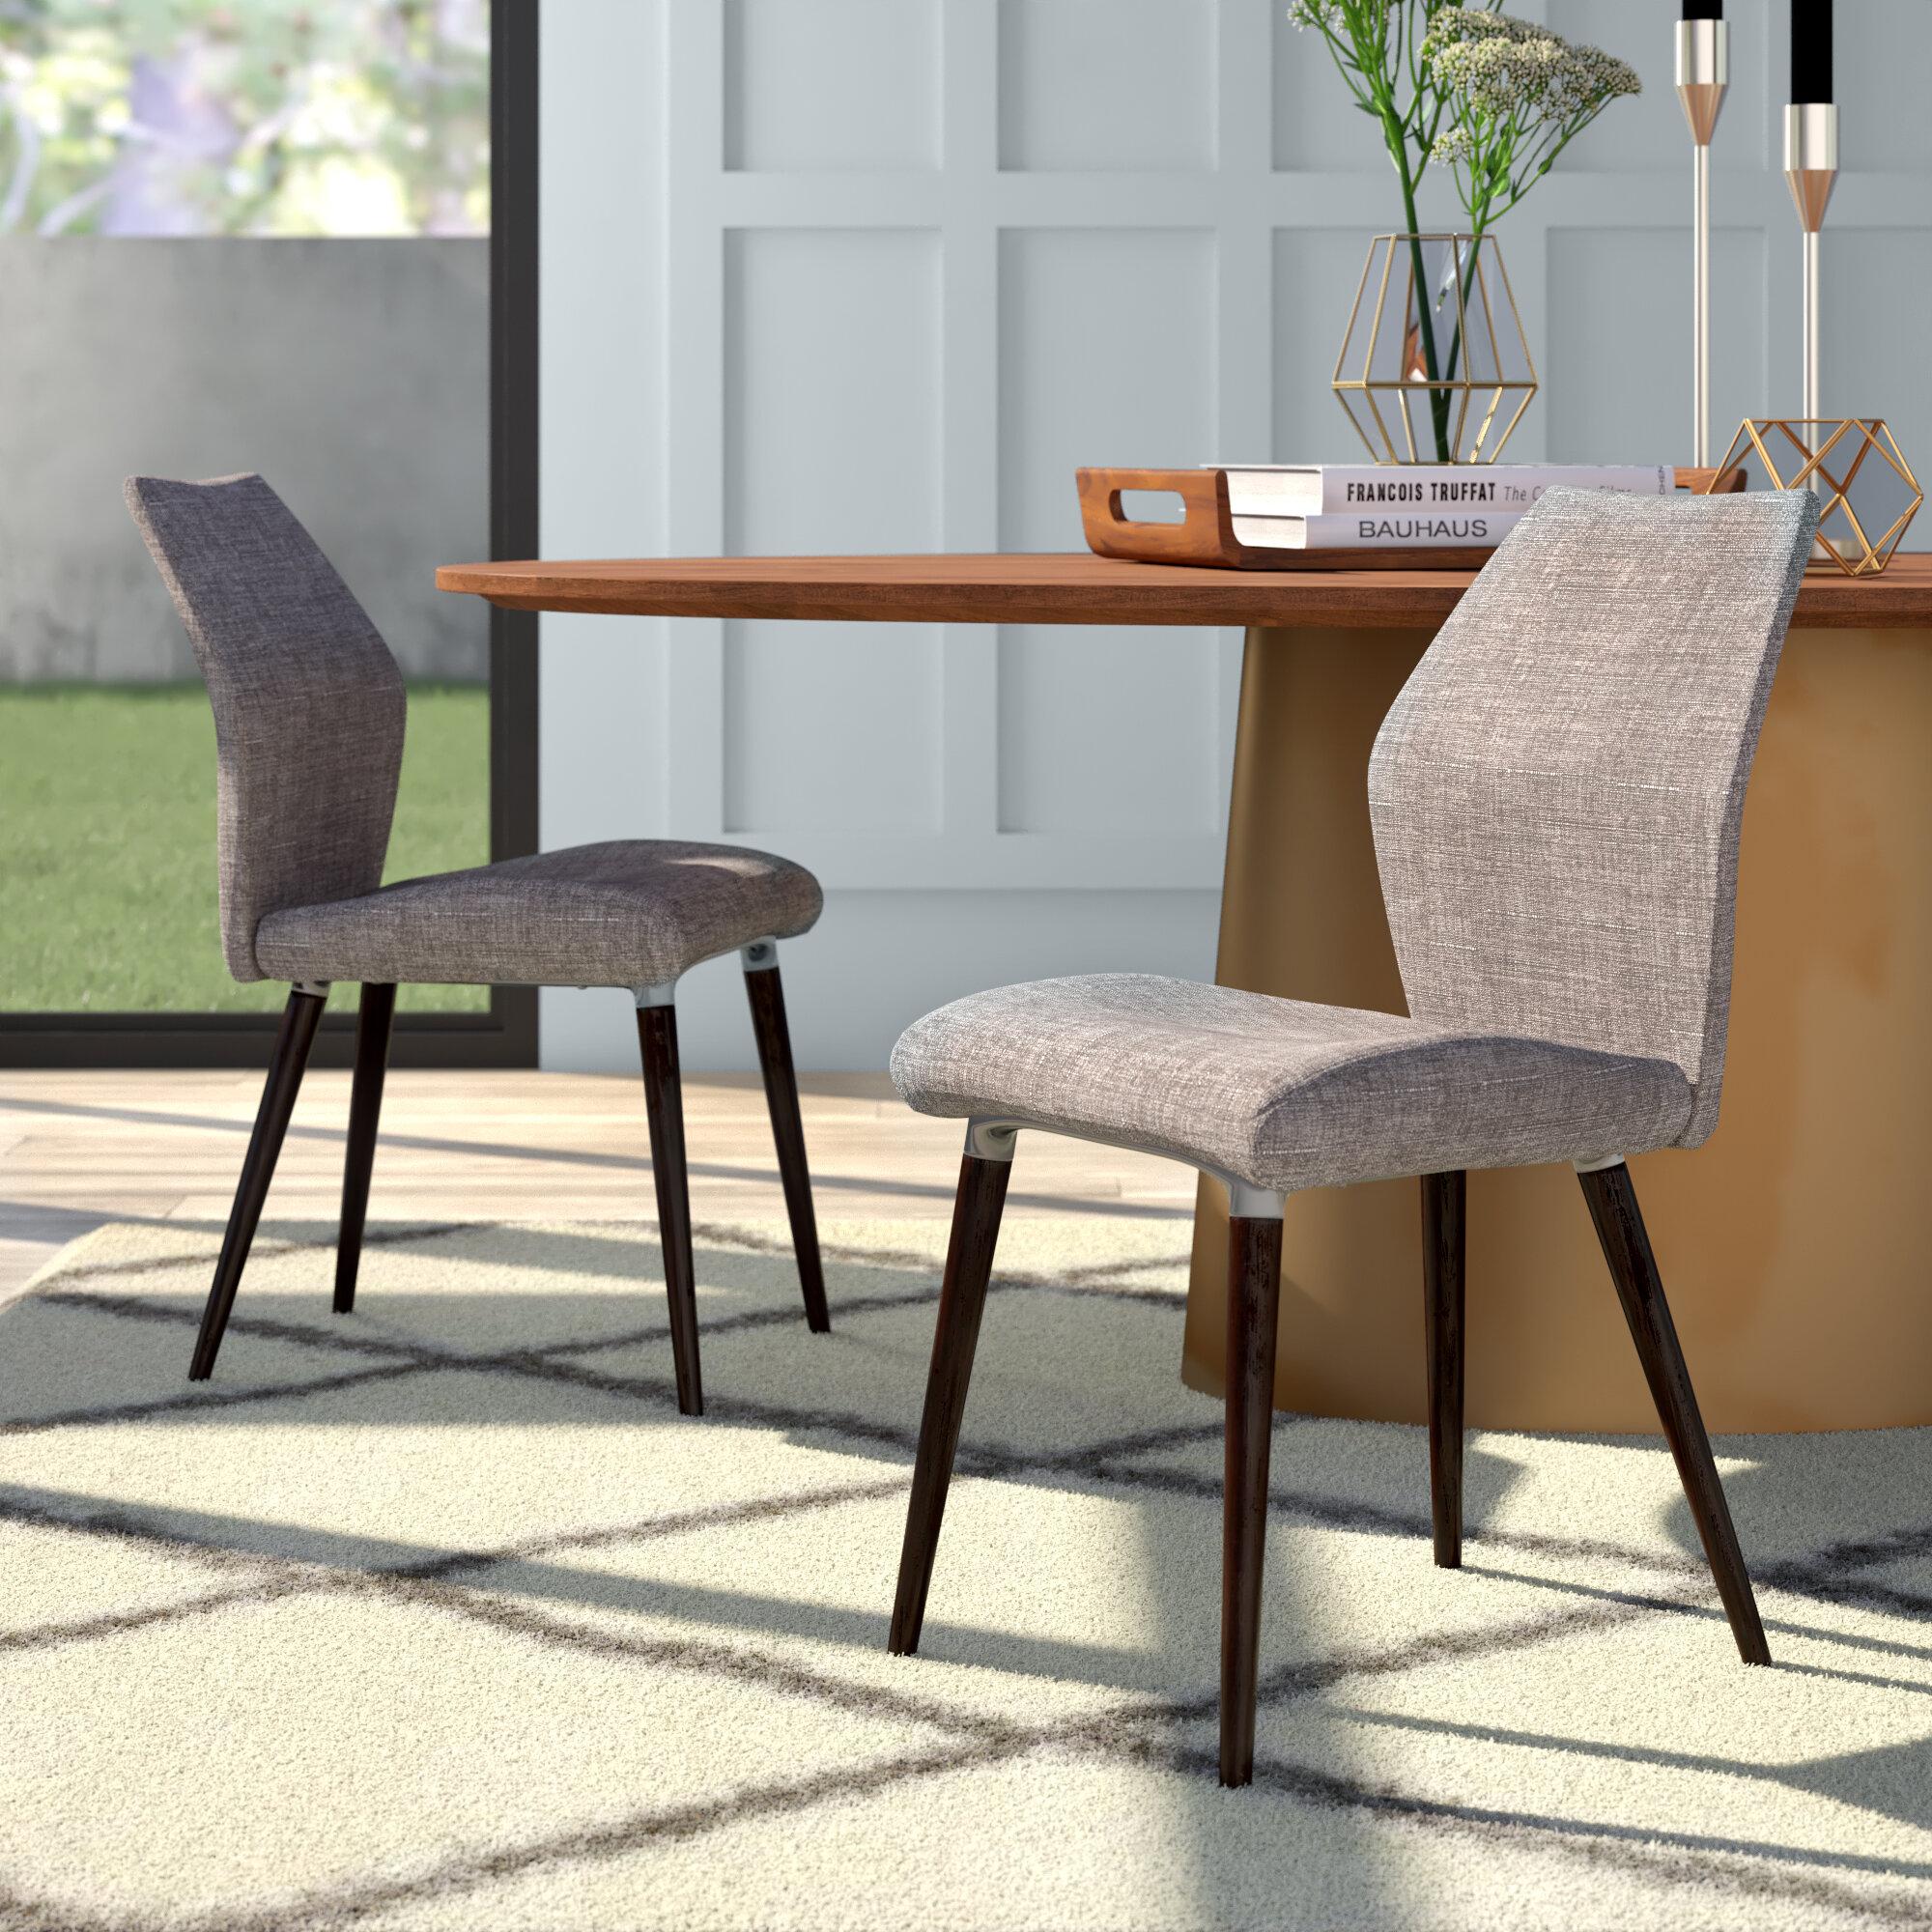 Faire Une Separation Entre 2 Pieces bloch linen upholstered side chair